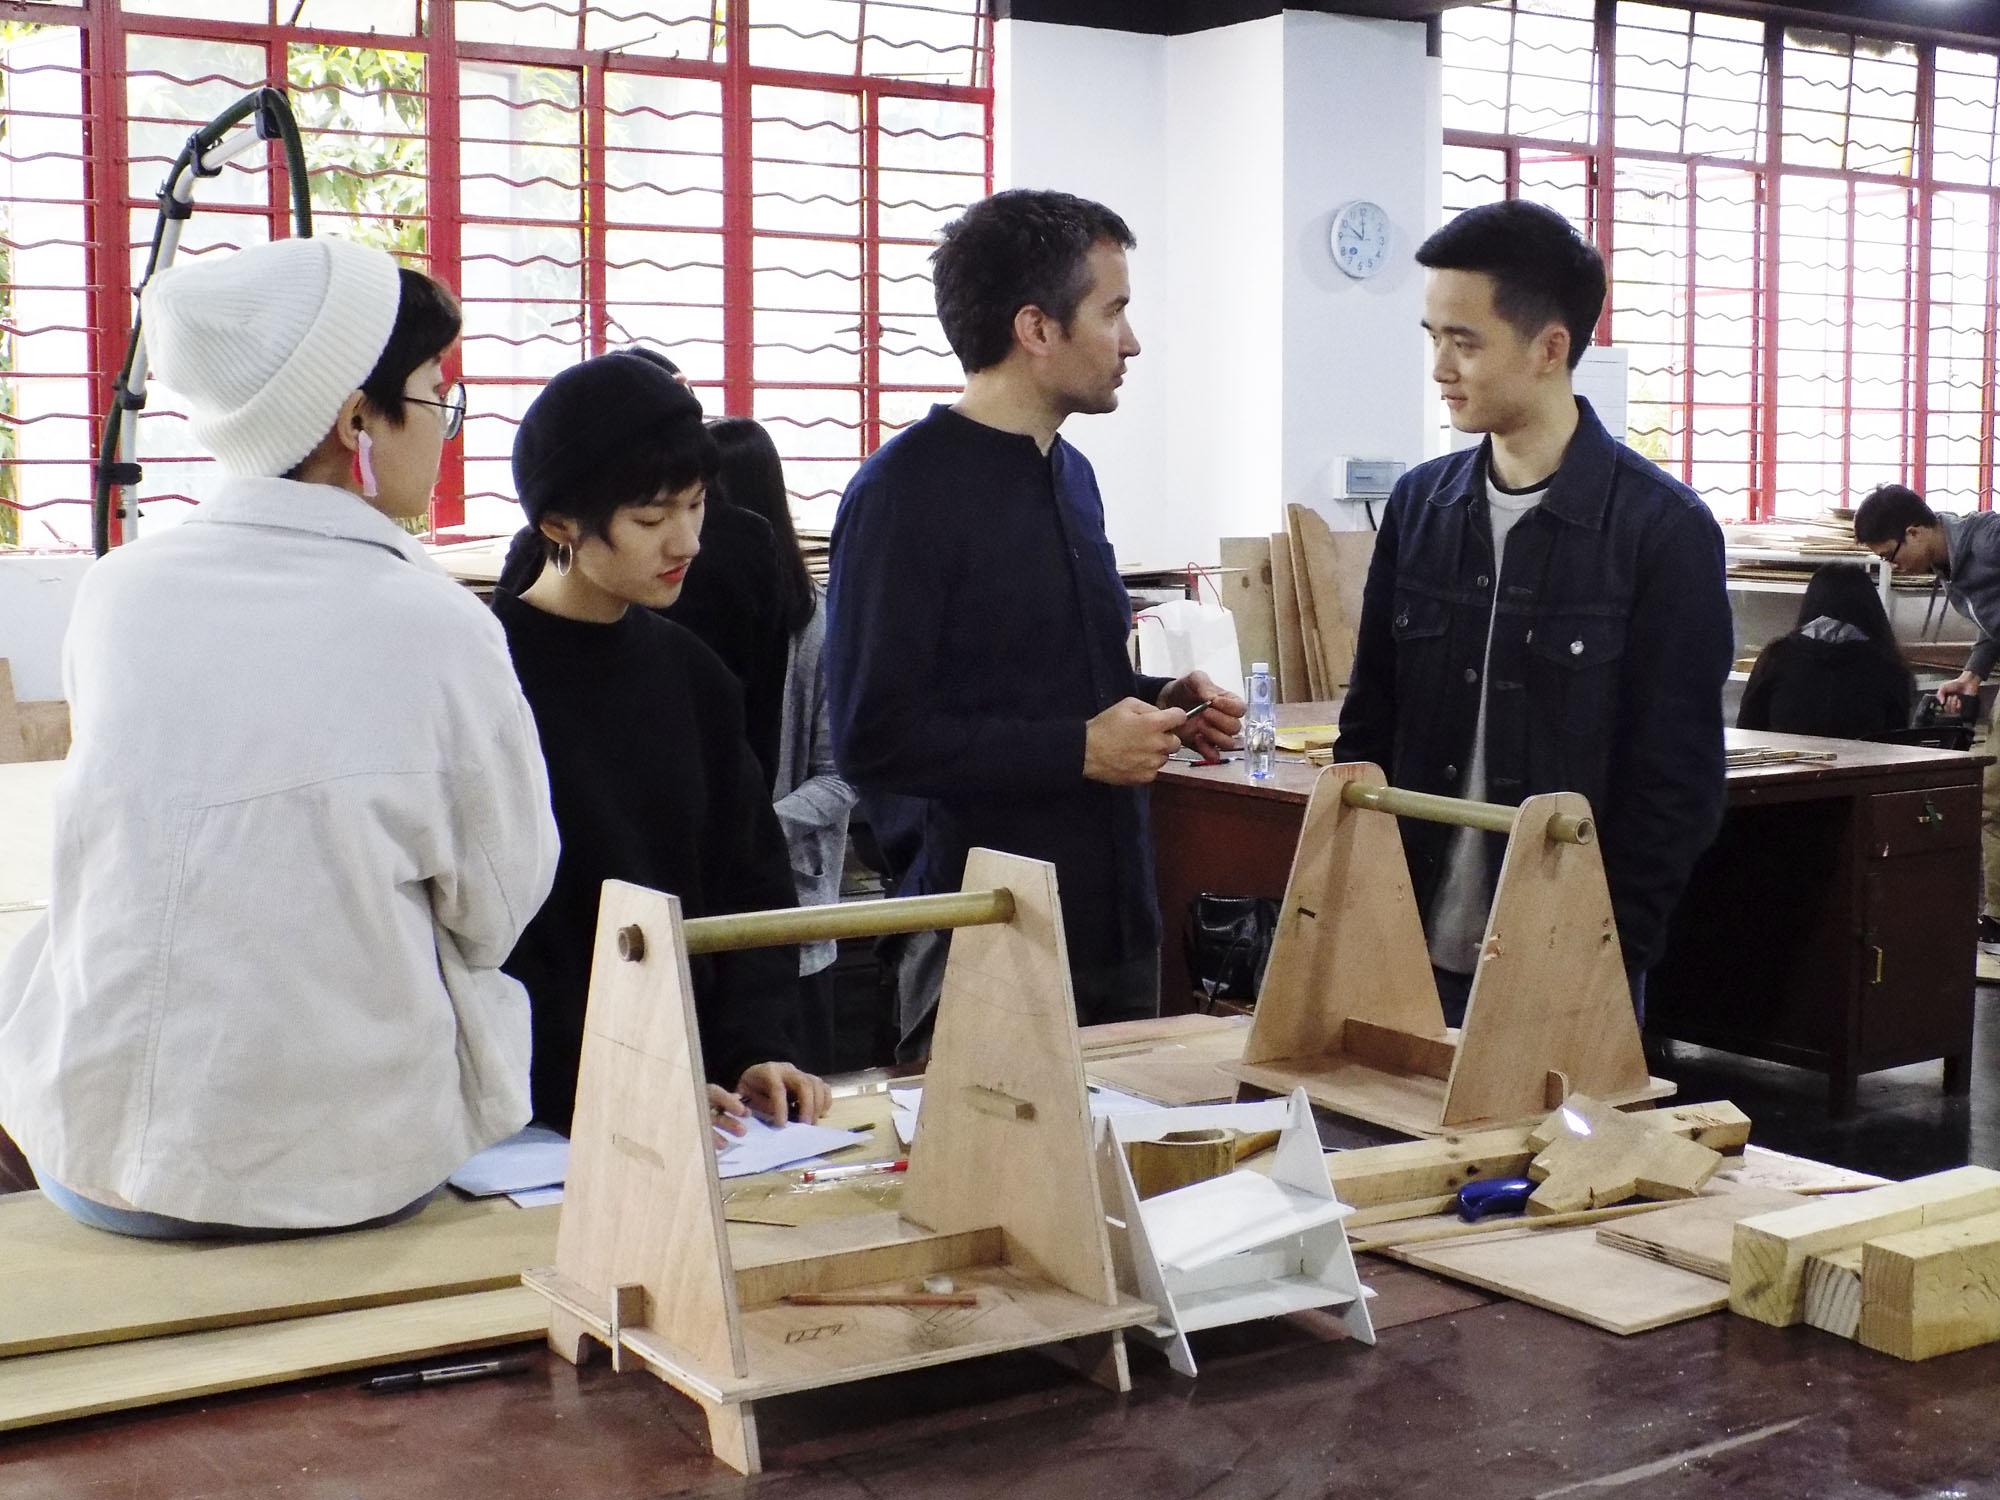 Conferencia Exploring Bamboo. Lunes a las 11h. en el Salón de Actos